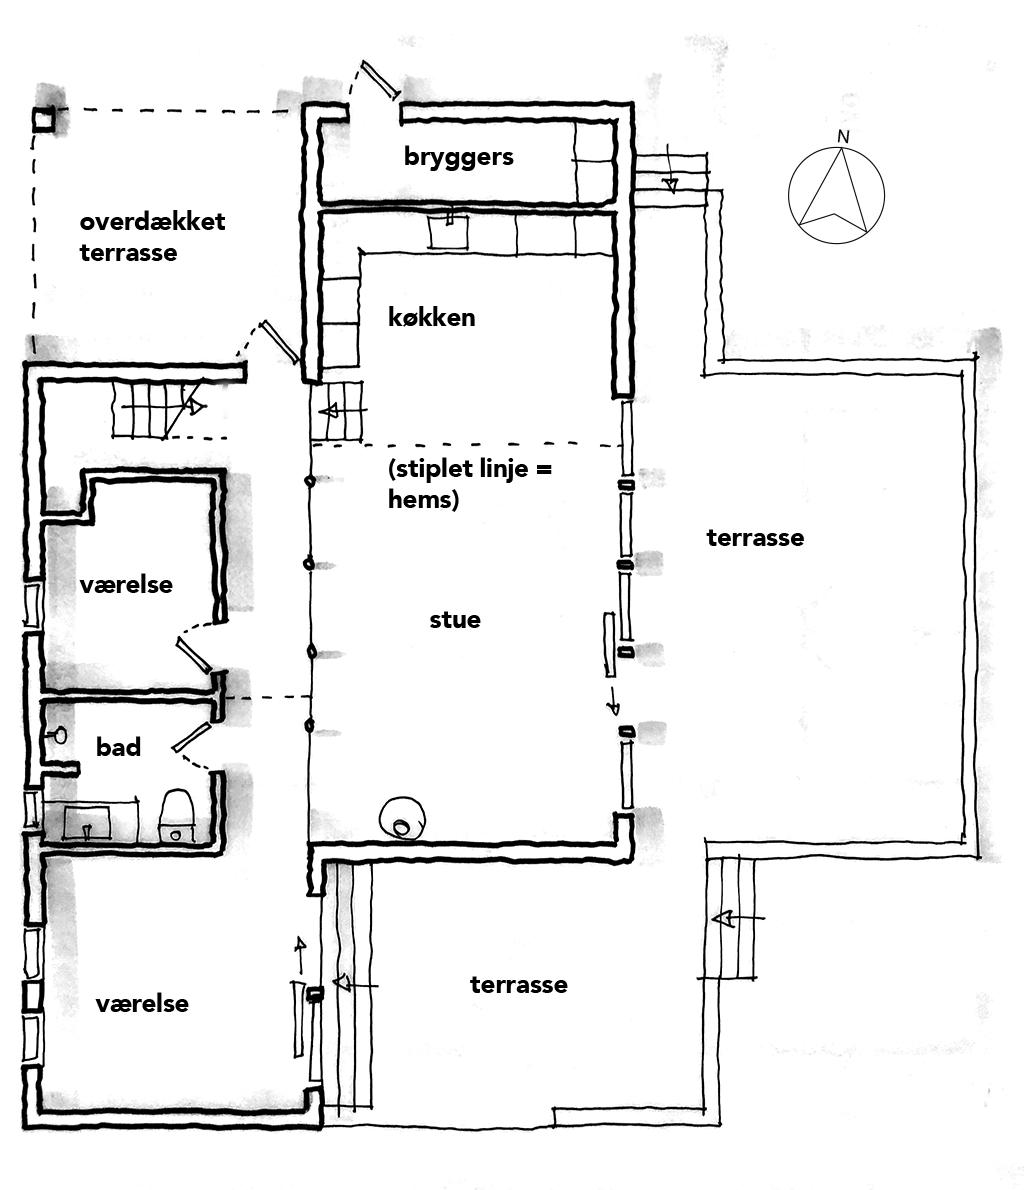 planskitse, arkitekttegning, arkitektskitse